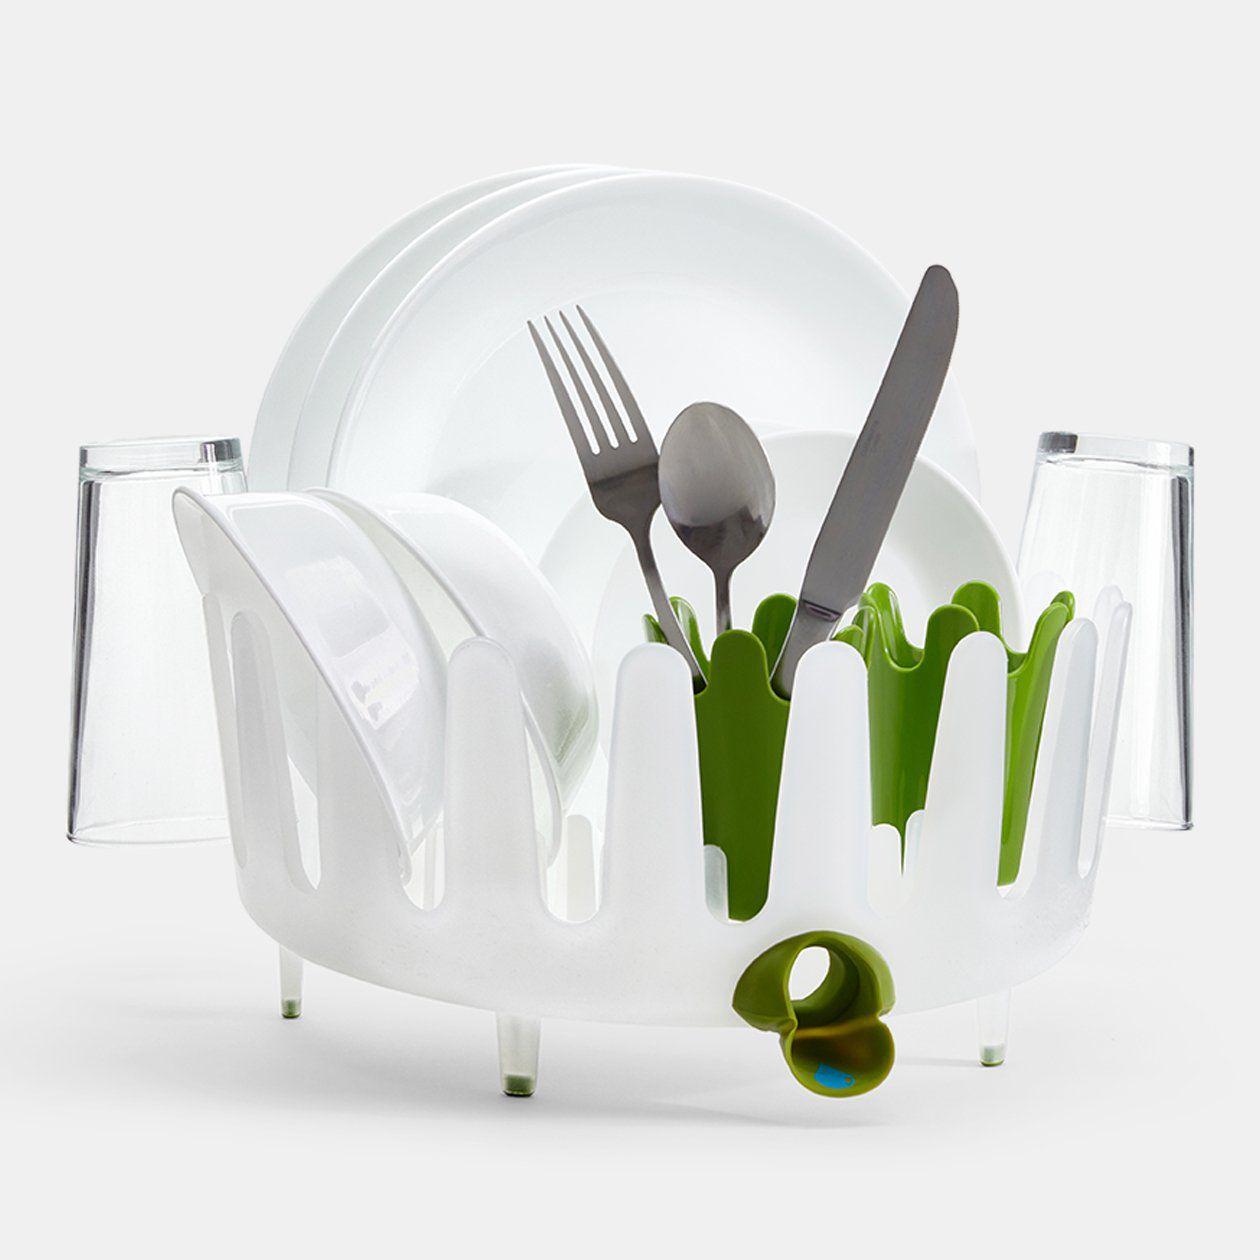 Chef'n DishGarden Dish Rack